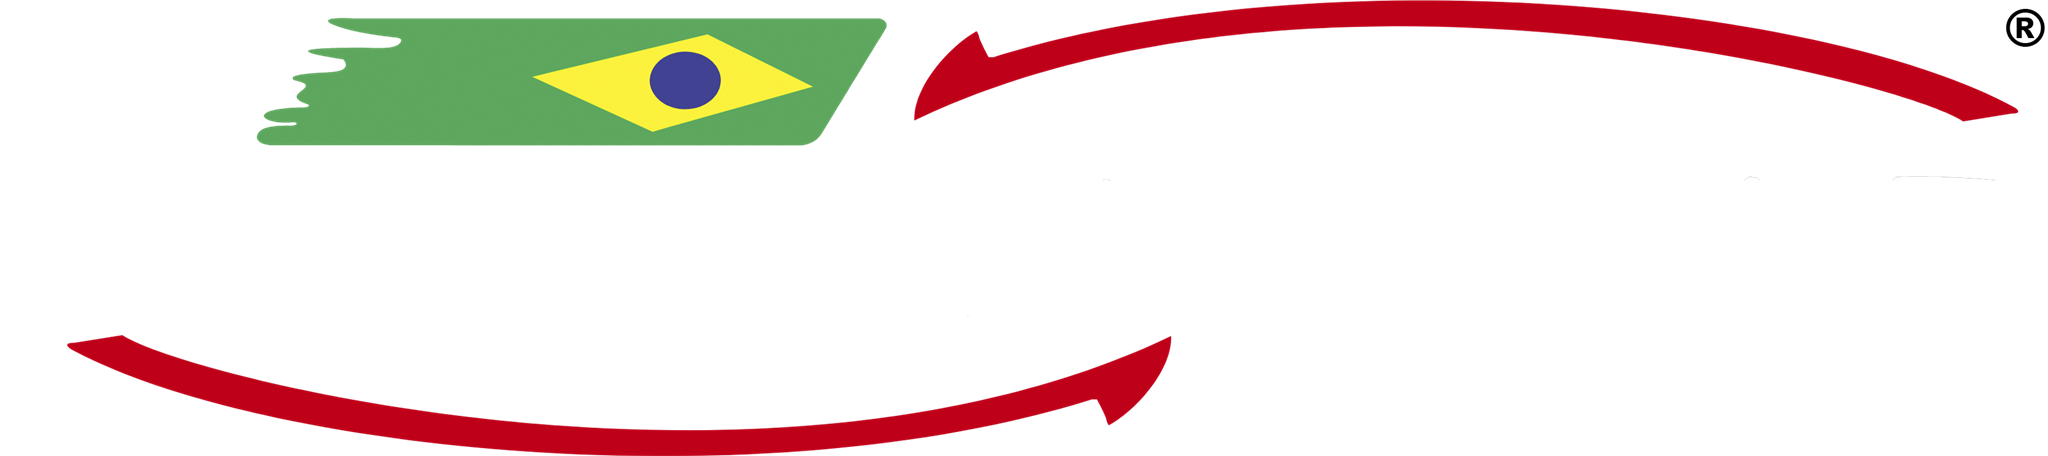 General Car